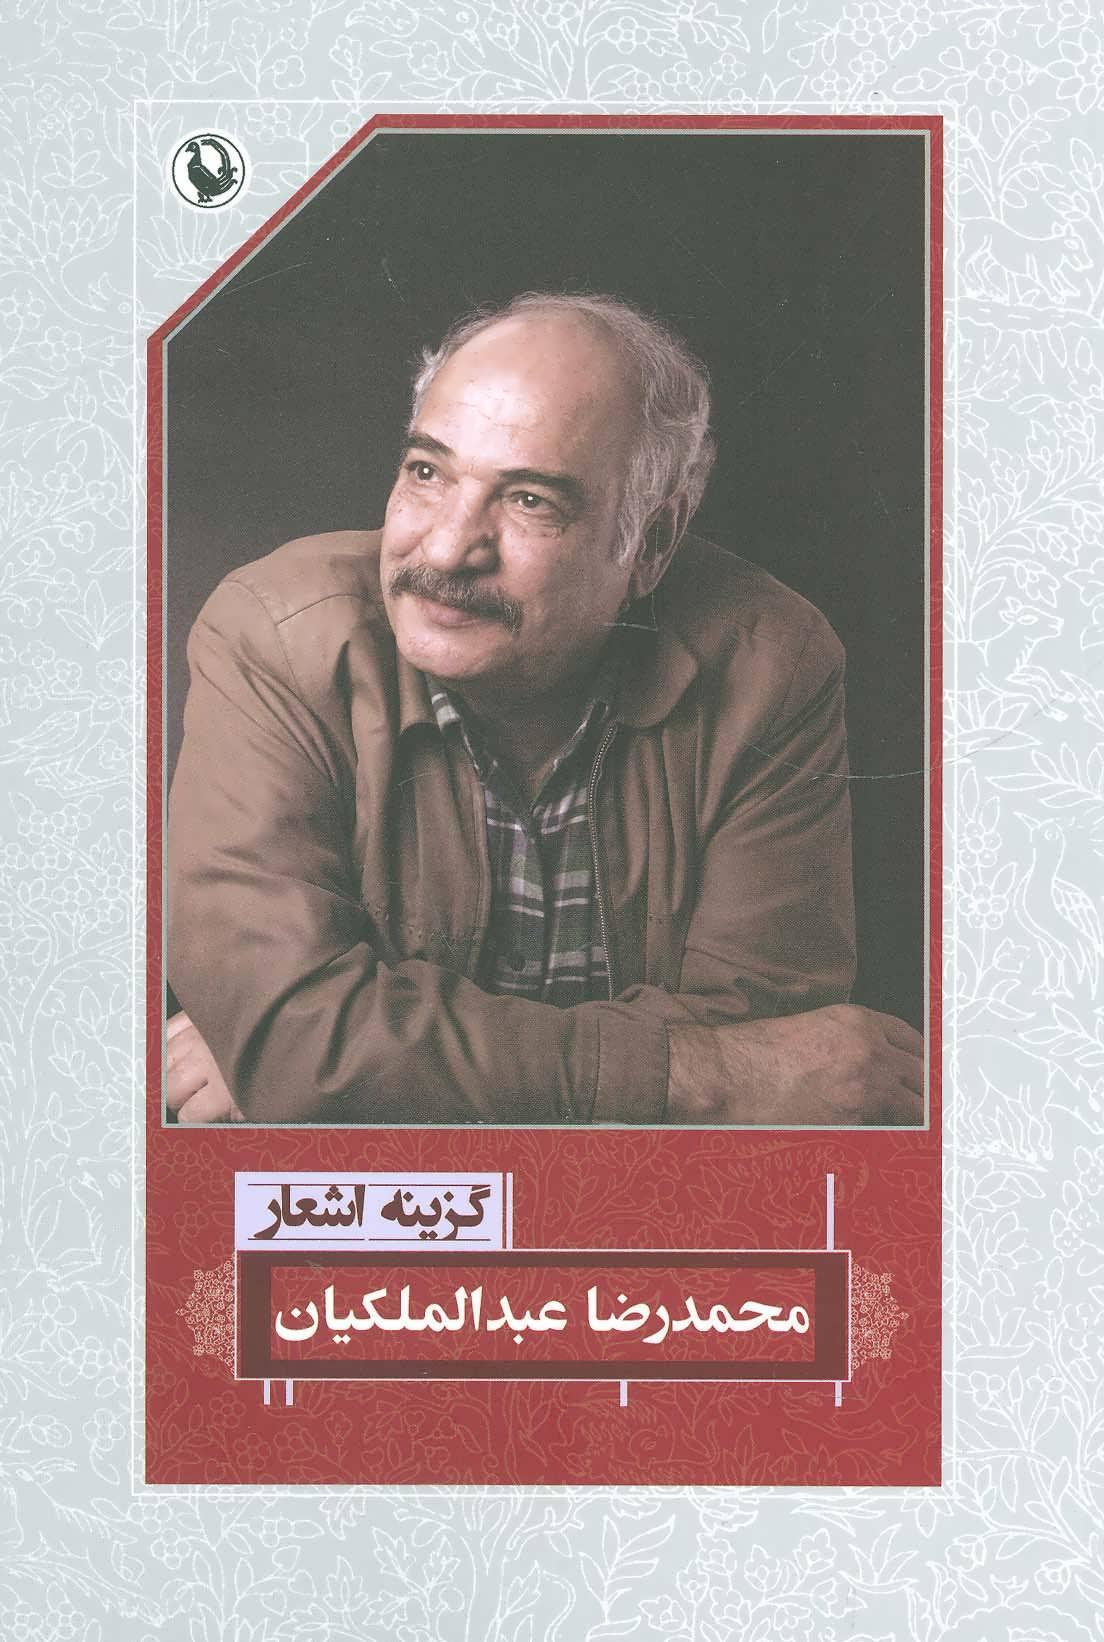 کتاب گزینه اشعار محمدرضا عبدالملکیان.